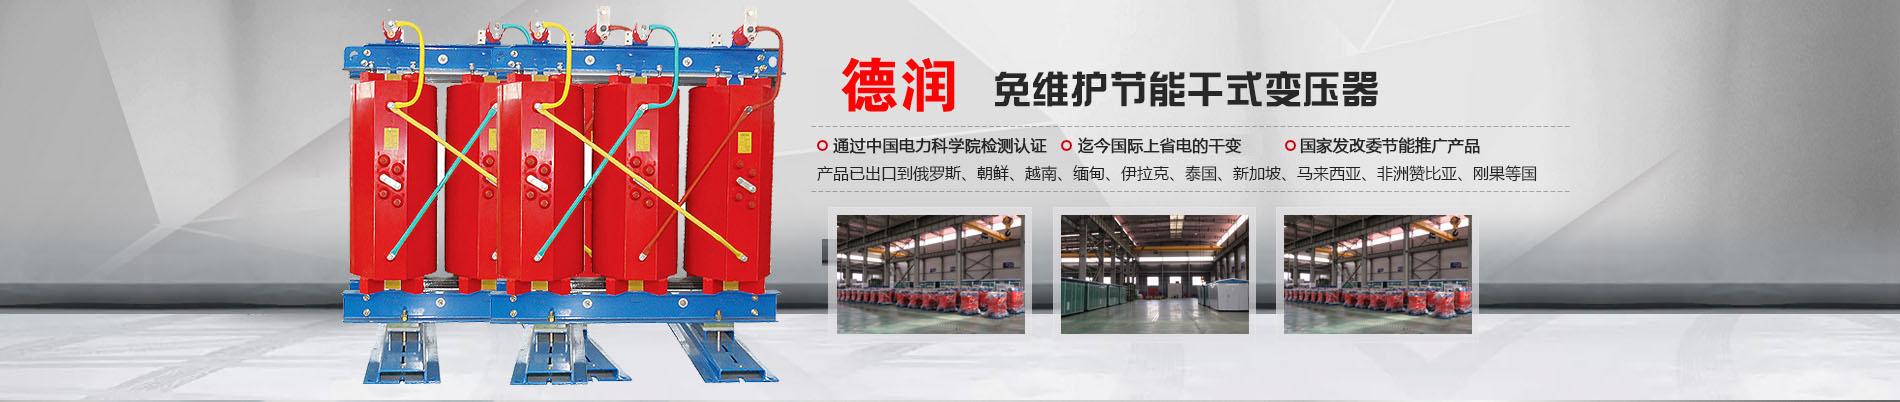 干式变压器厂家